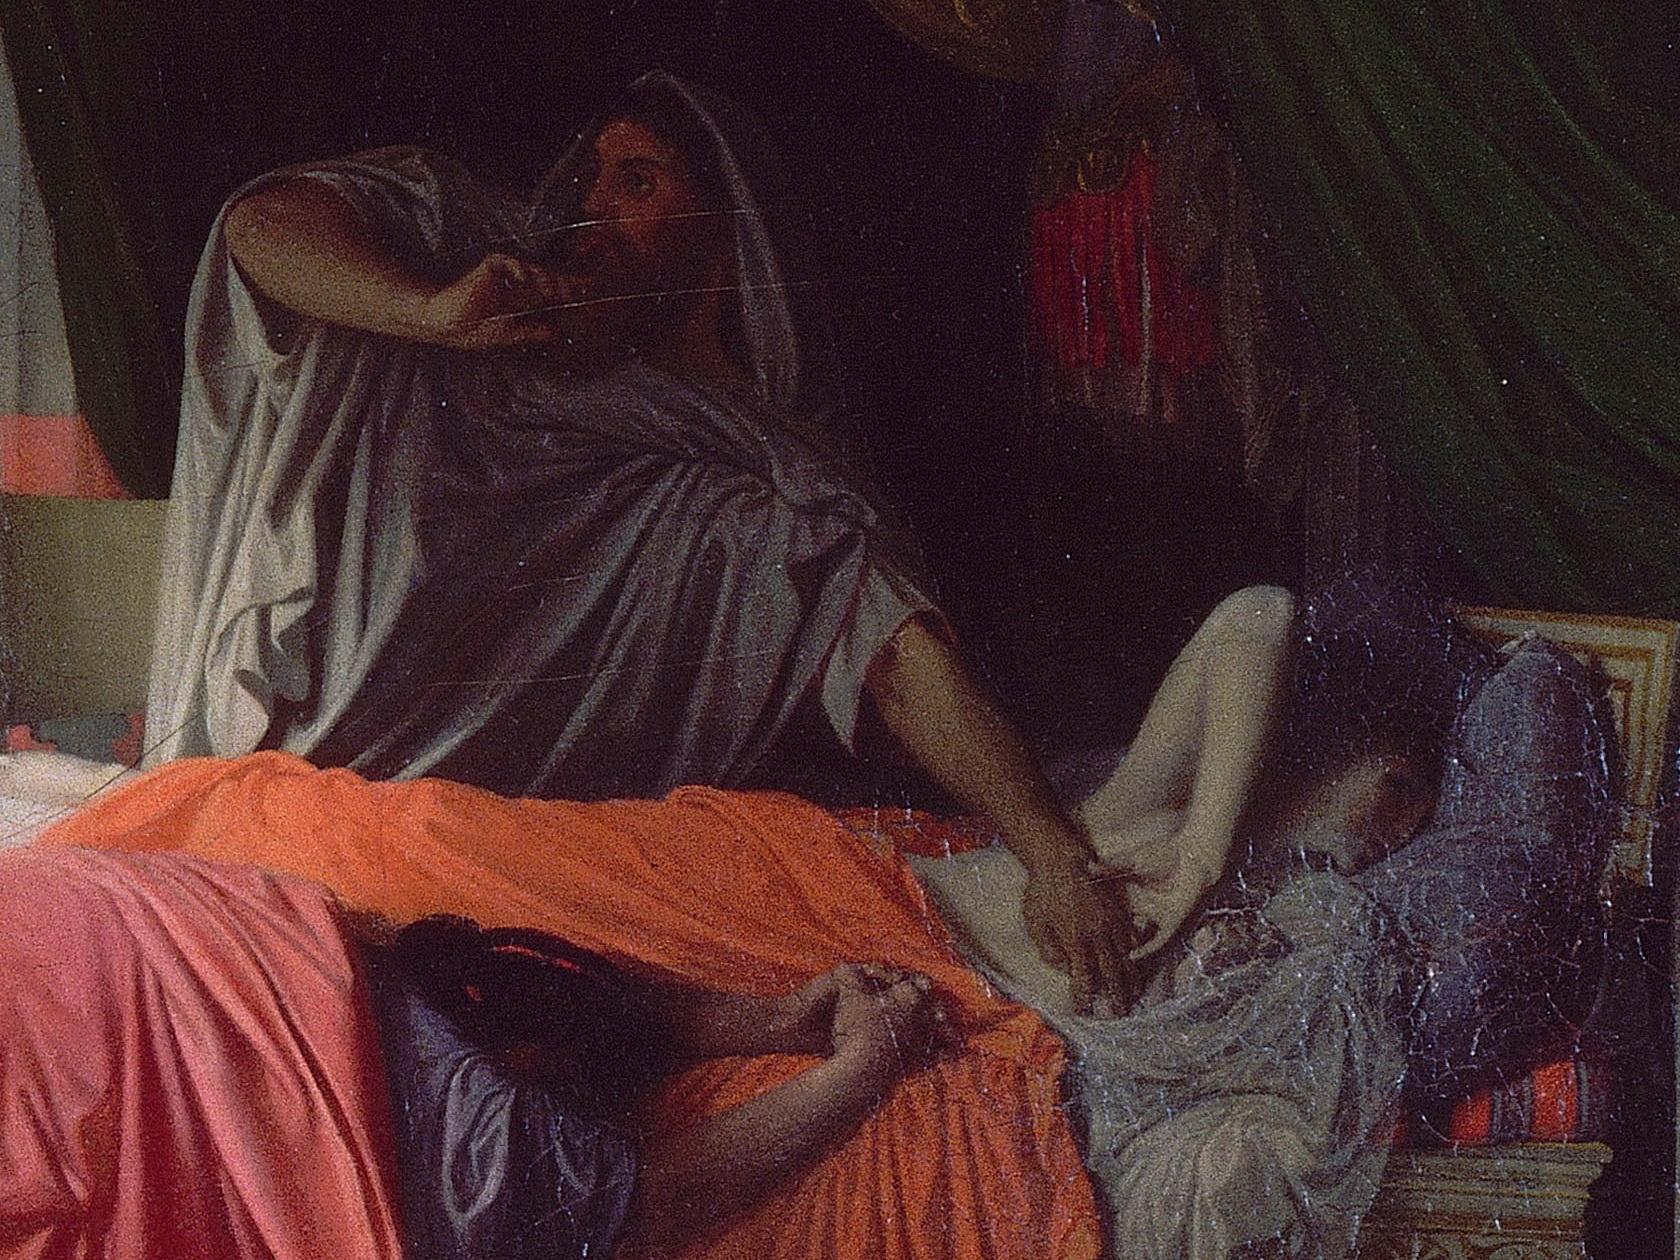 Измерение пульса в живописи: семейный терапевт как гений манипуляций